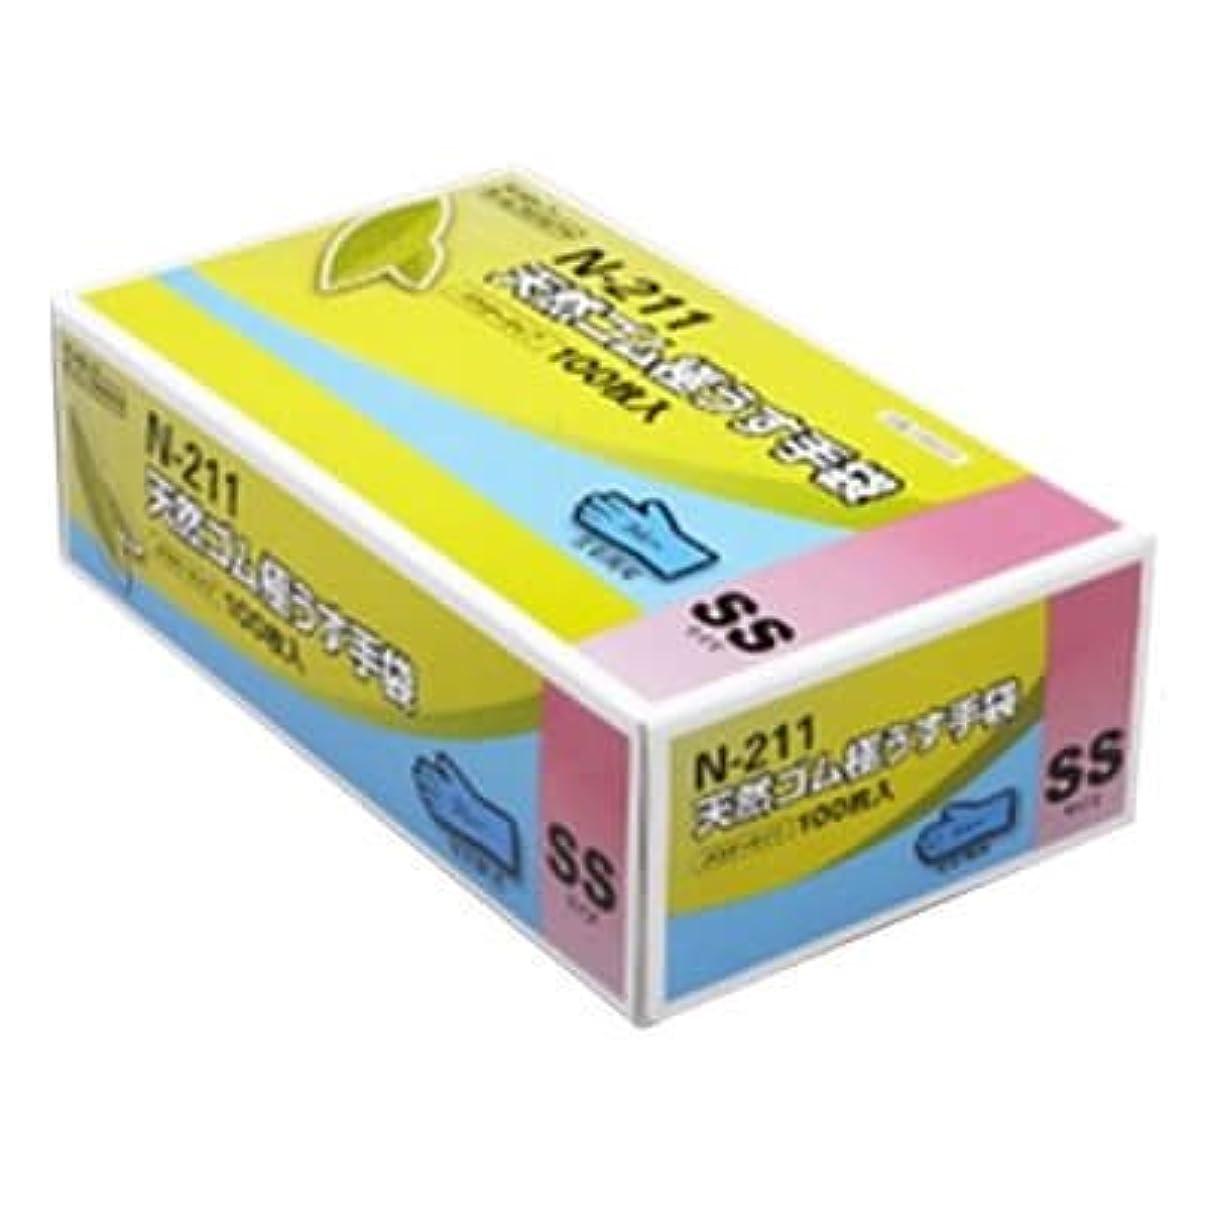 米ドルバース慈悲深い【ケース販売】 ダンロップ 天然ゴム極うす手袋 N-211 SS ブルー (100枚入×20箱)